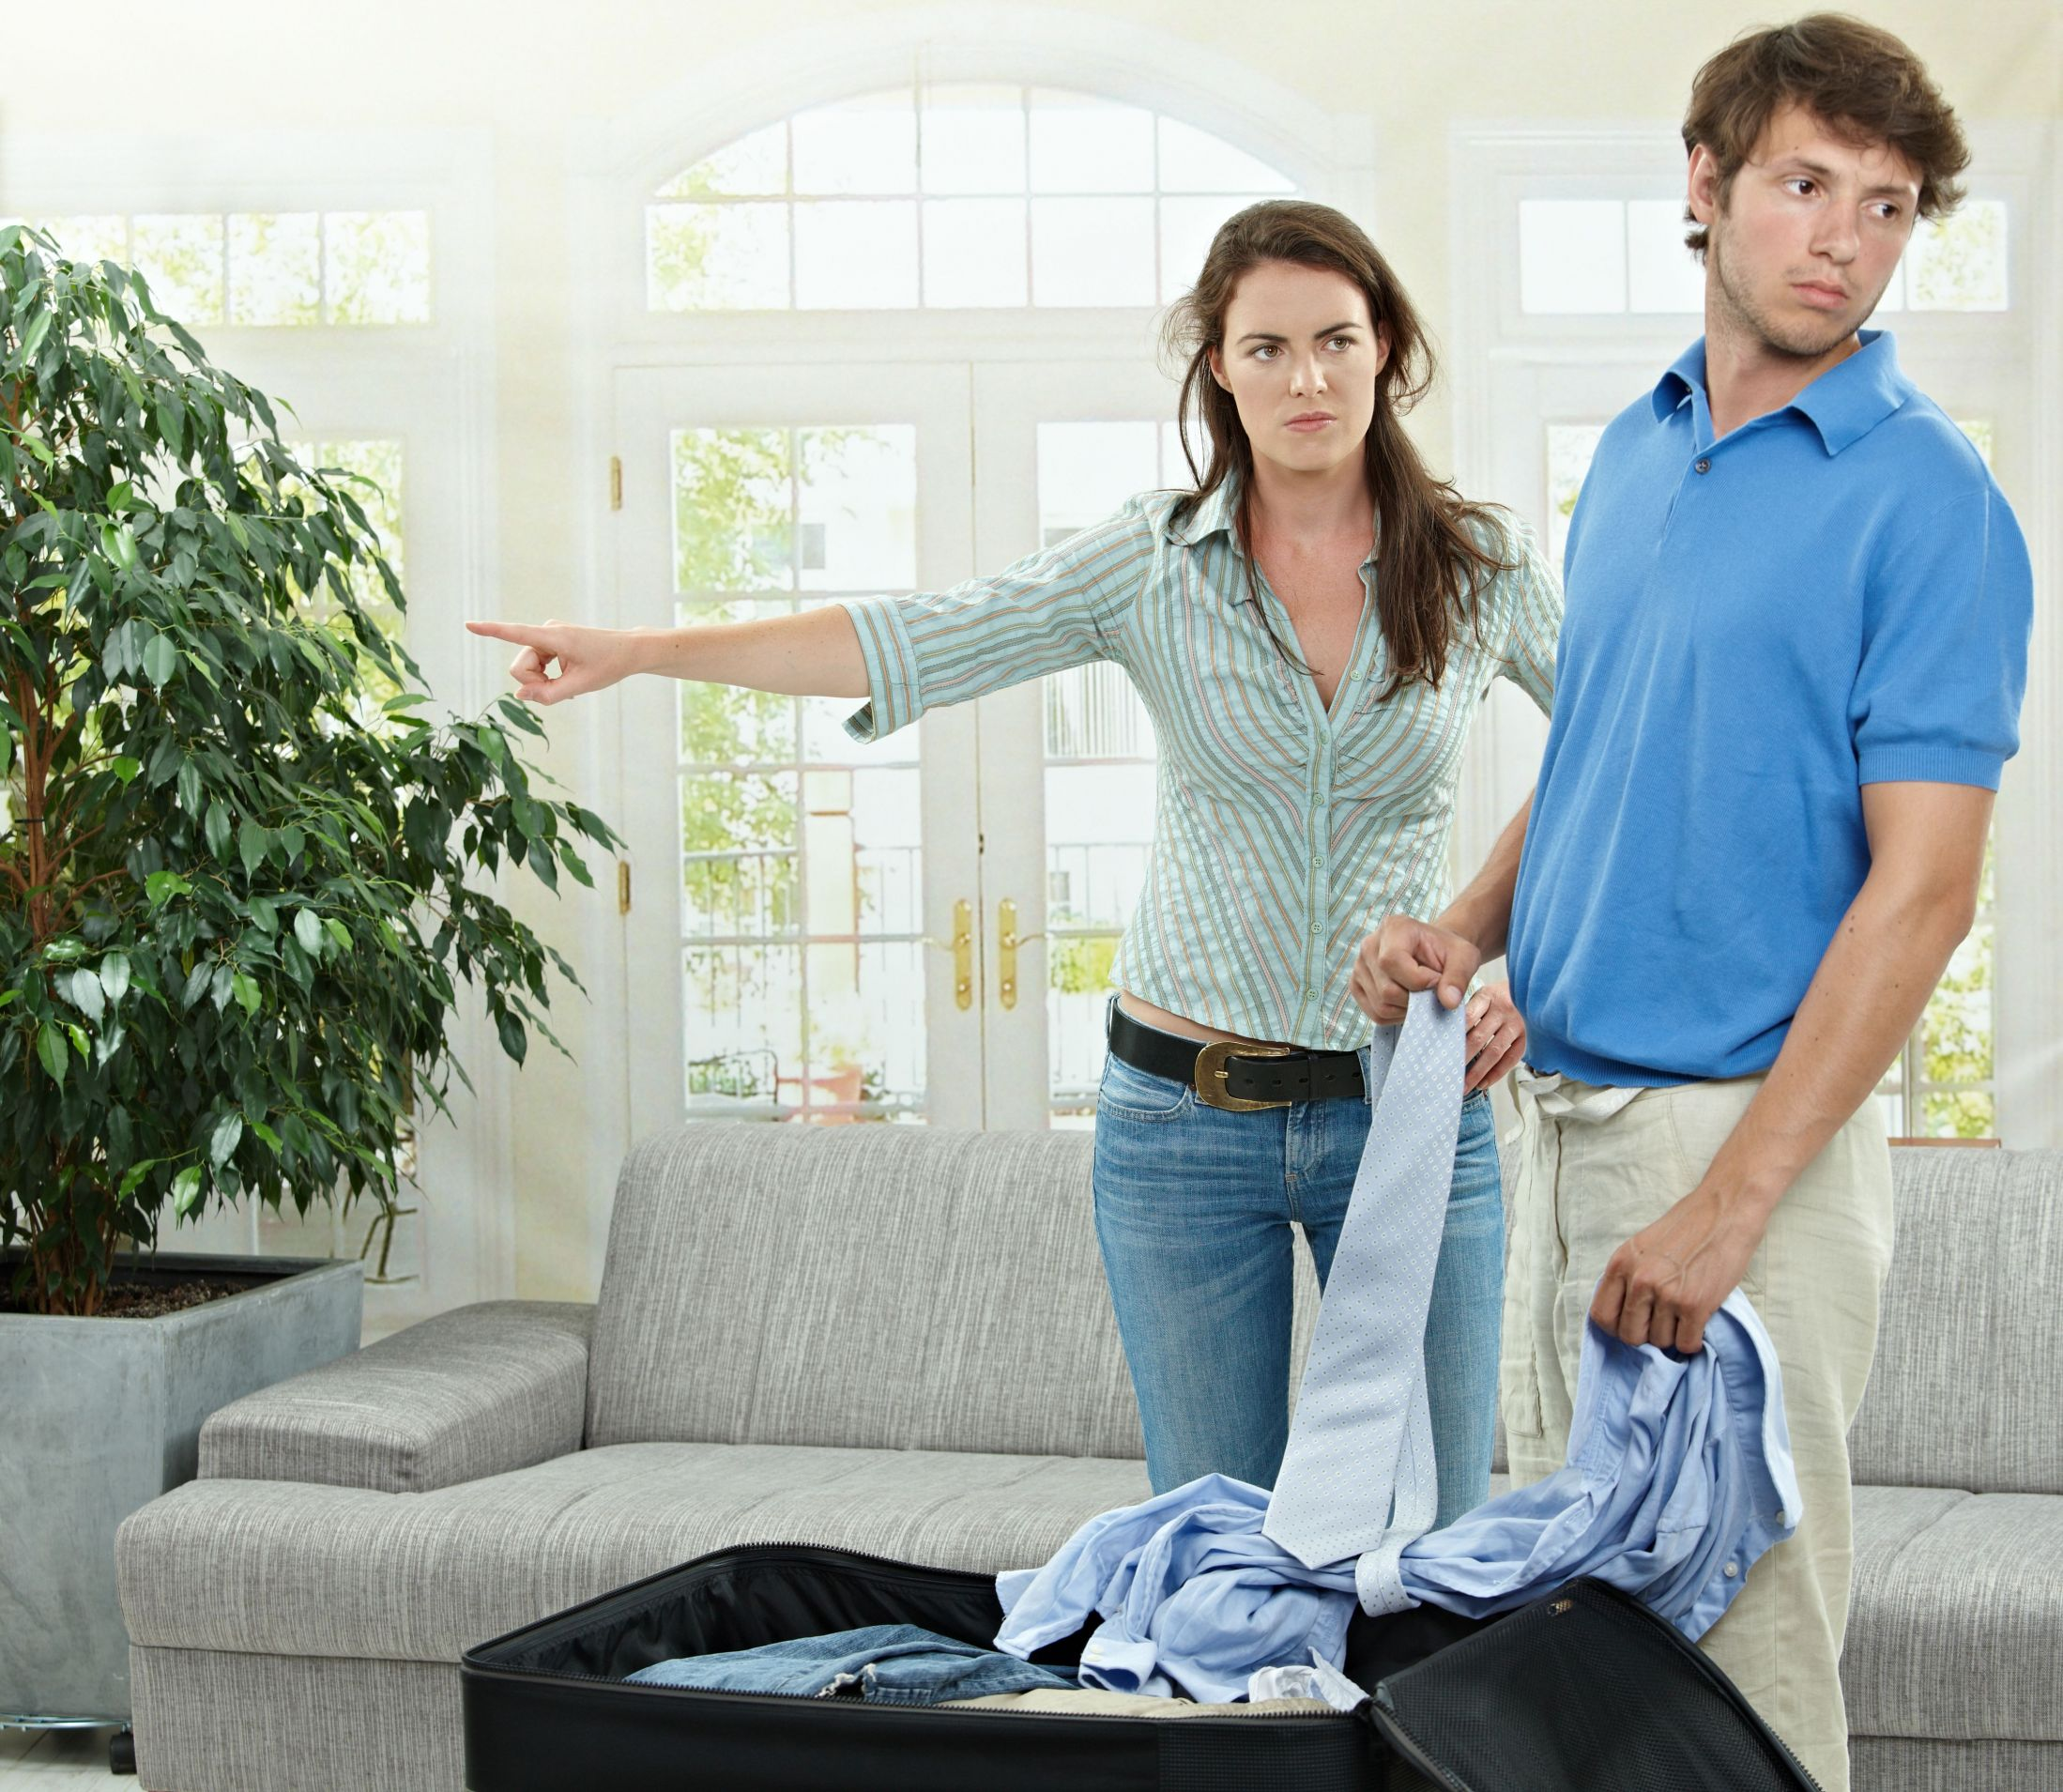 Cacciare il coniuge di casa reato - Prostituirsi in casa e reato ...